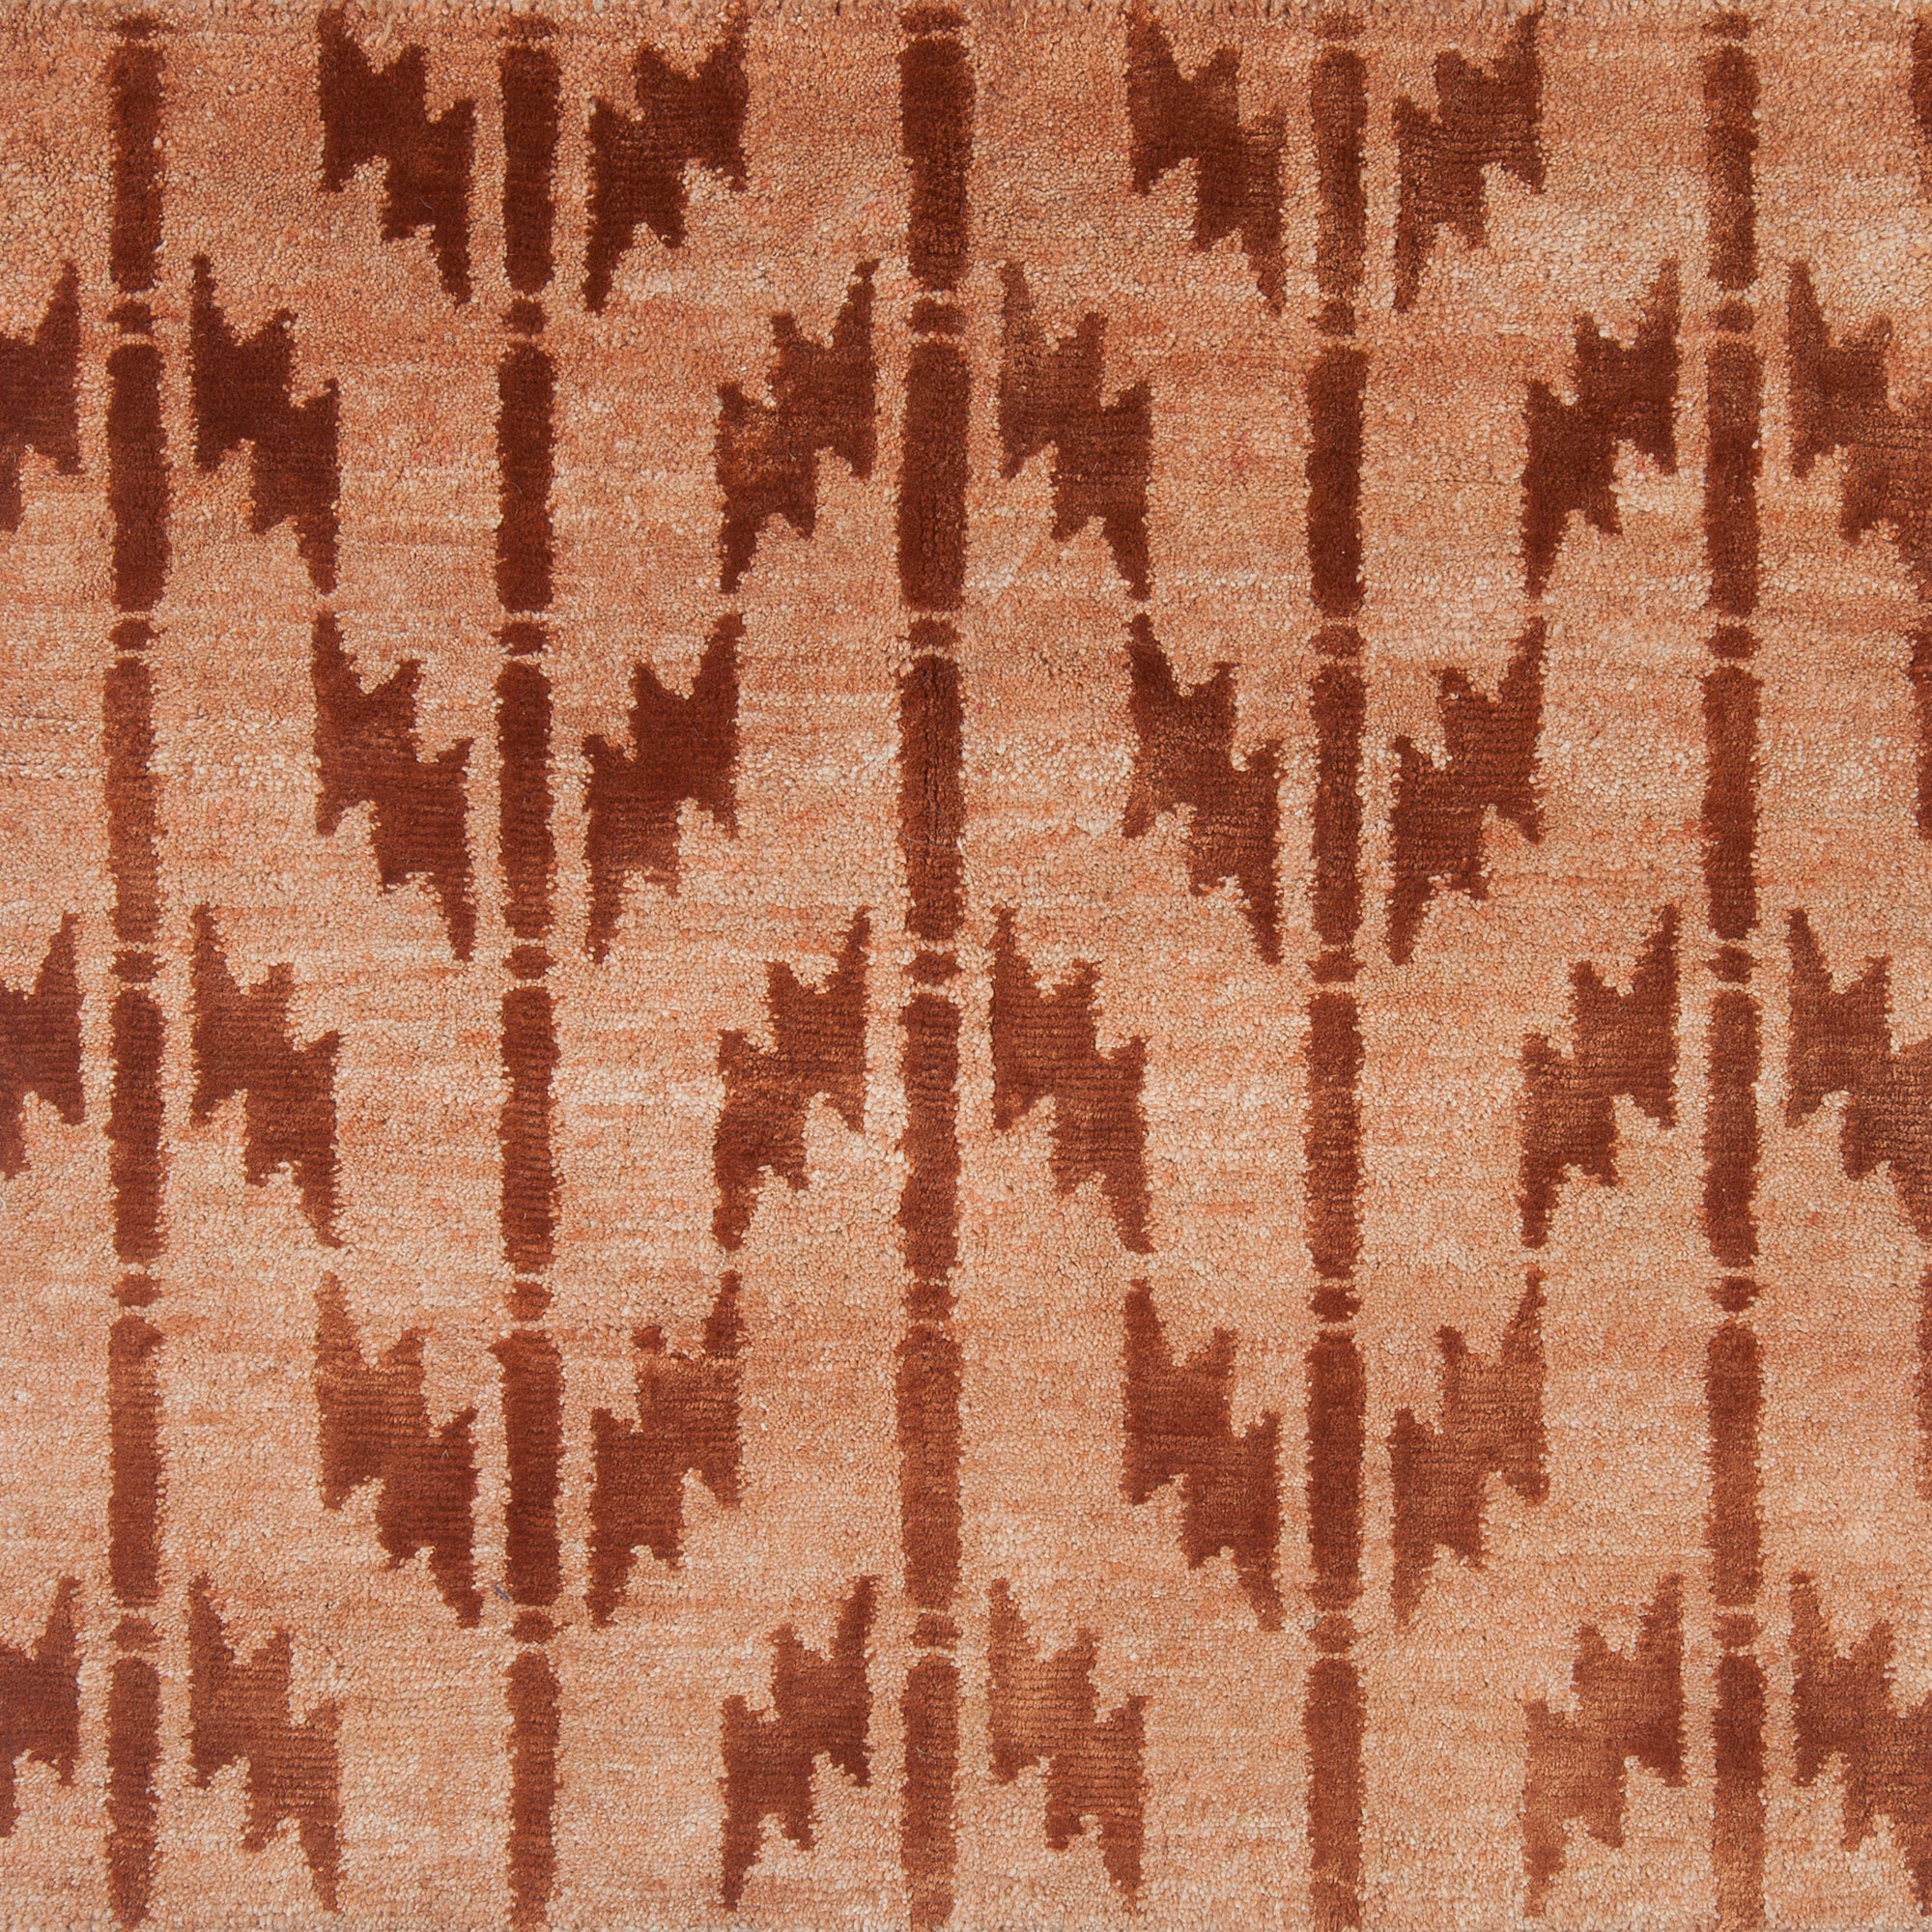 Tribal Custom Rug Design S11814 S11814